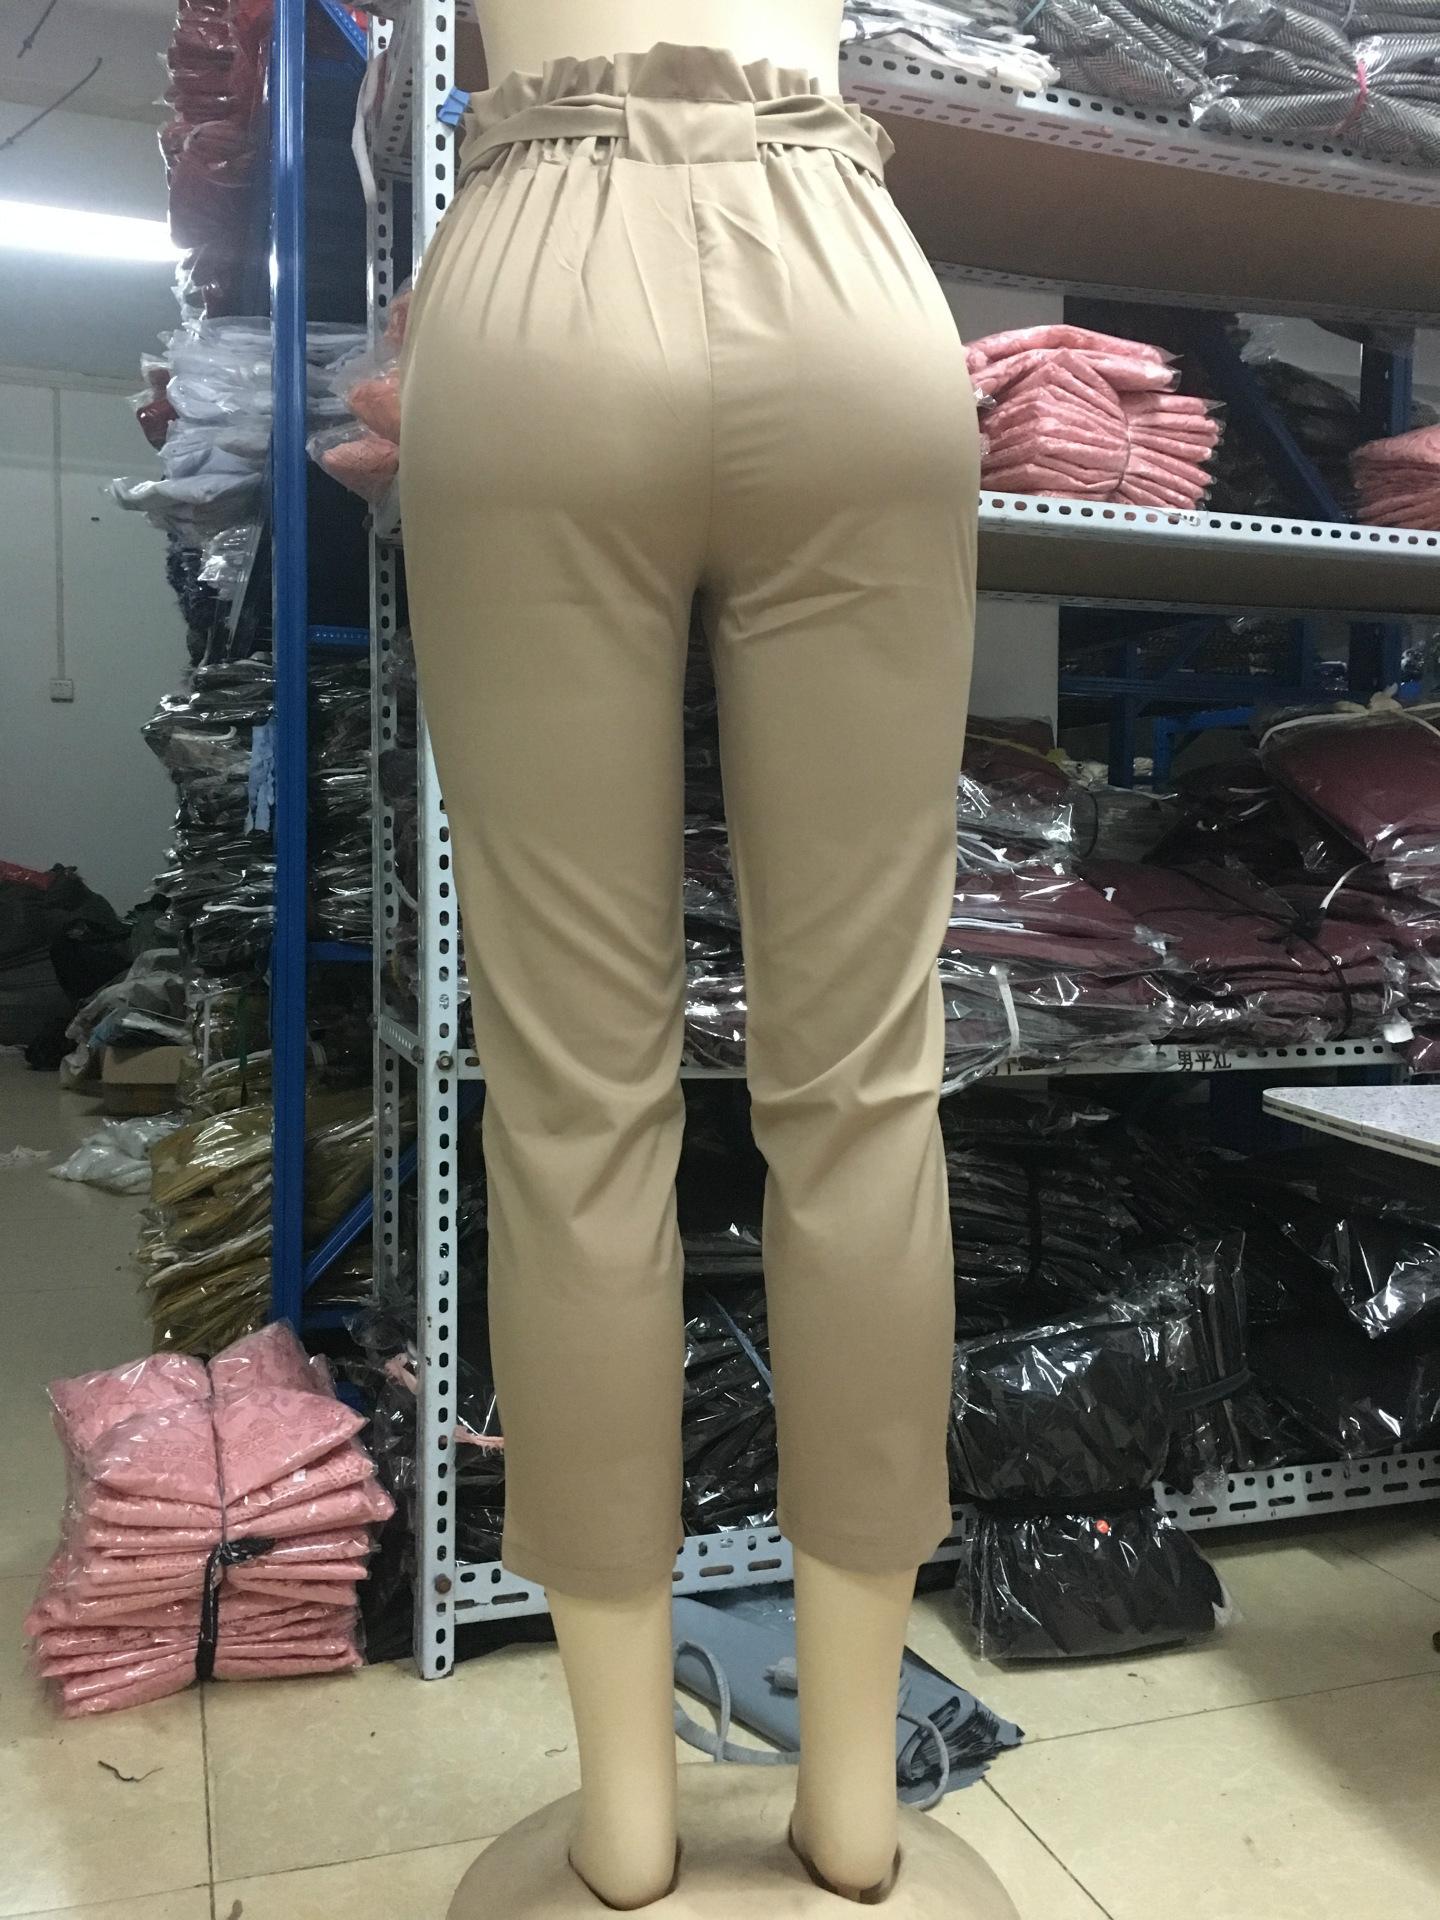 HTB1TrEGOFXXXXcQXFXXq6xXFXXXz - Fashion Ruffle Waist Pencil Pants with Belt PTC 142